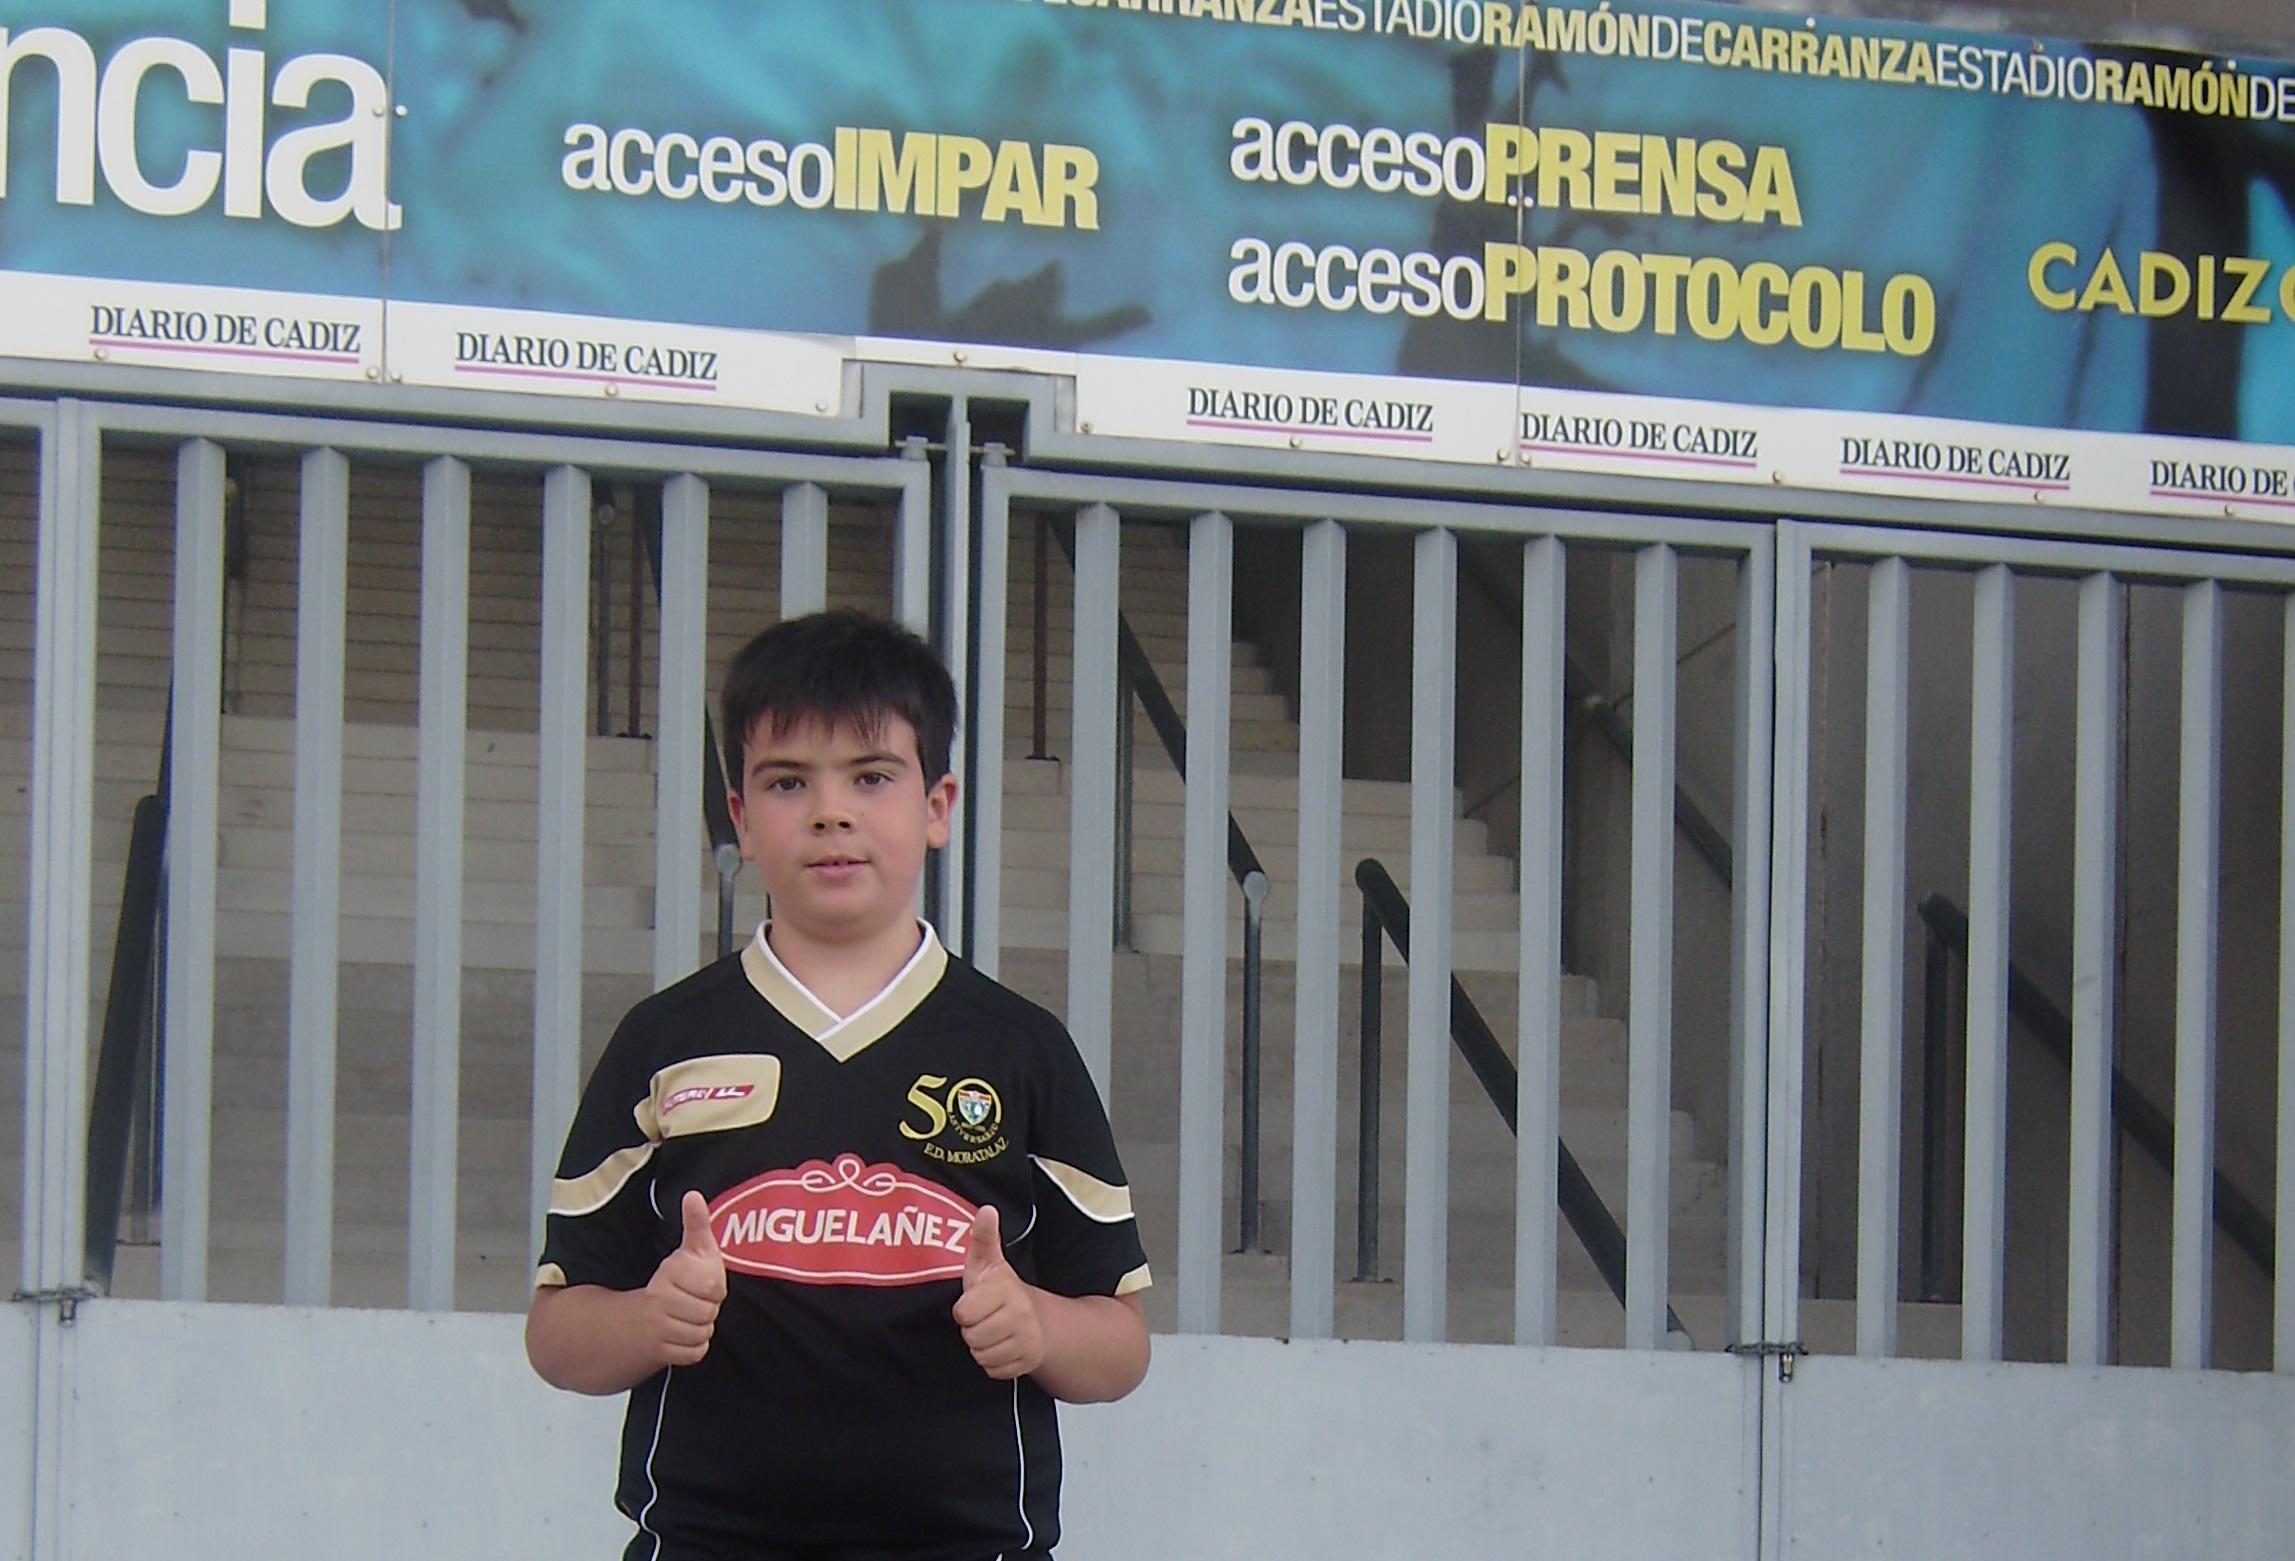 Con la equipación de la Escuela desde el estadio del Cádiz, en la EDM por el mundo